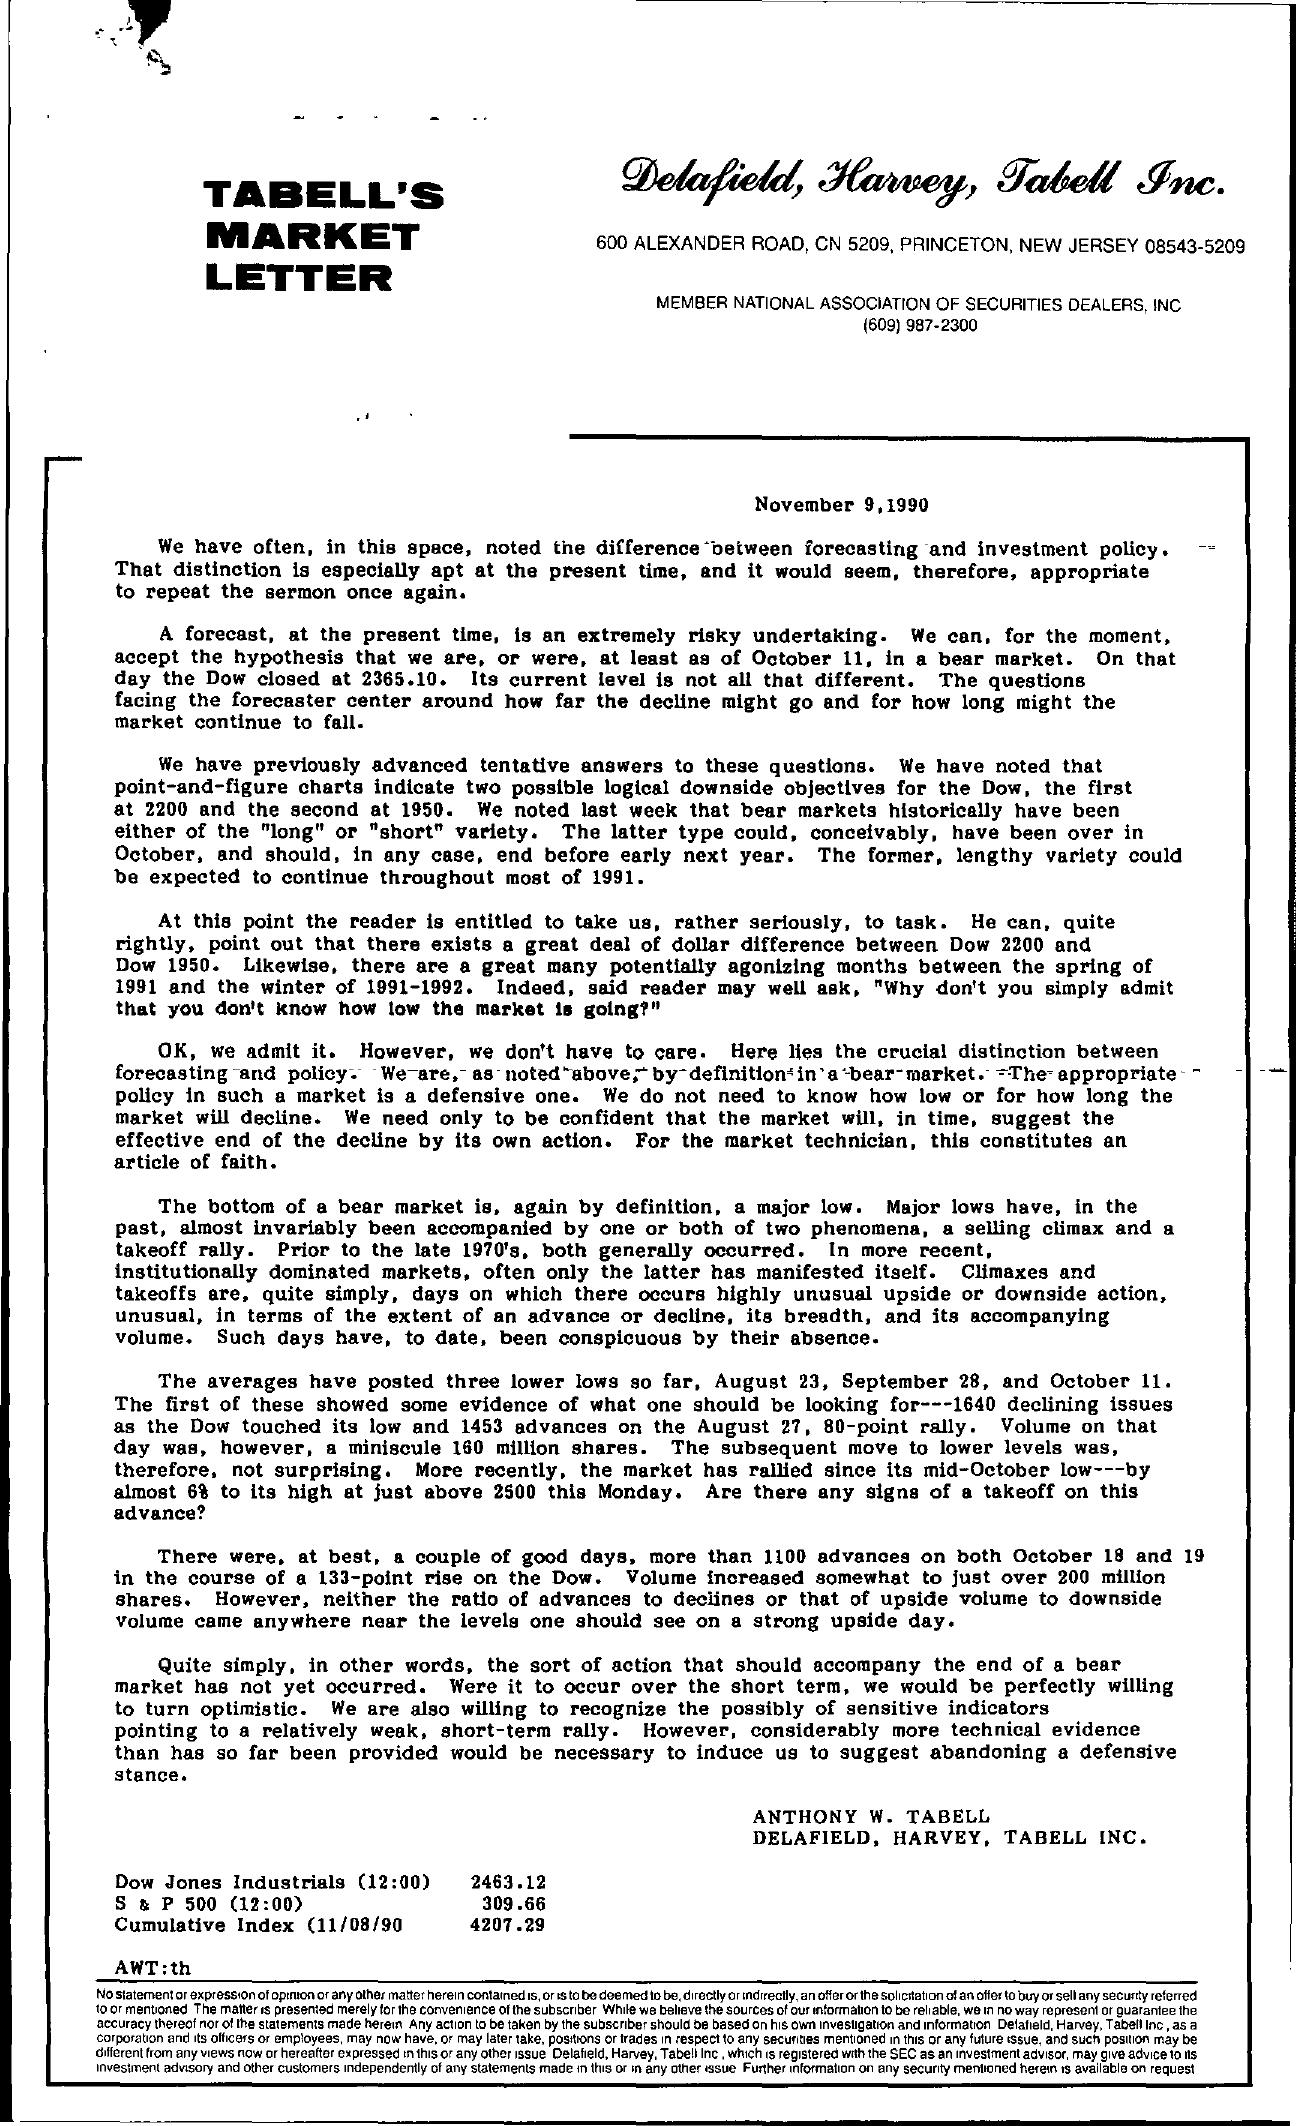 Tabell's Market Letter - November 09, 1990